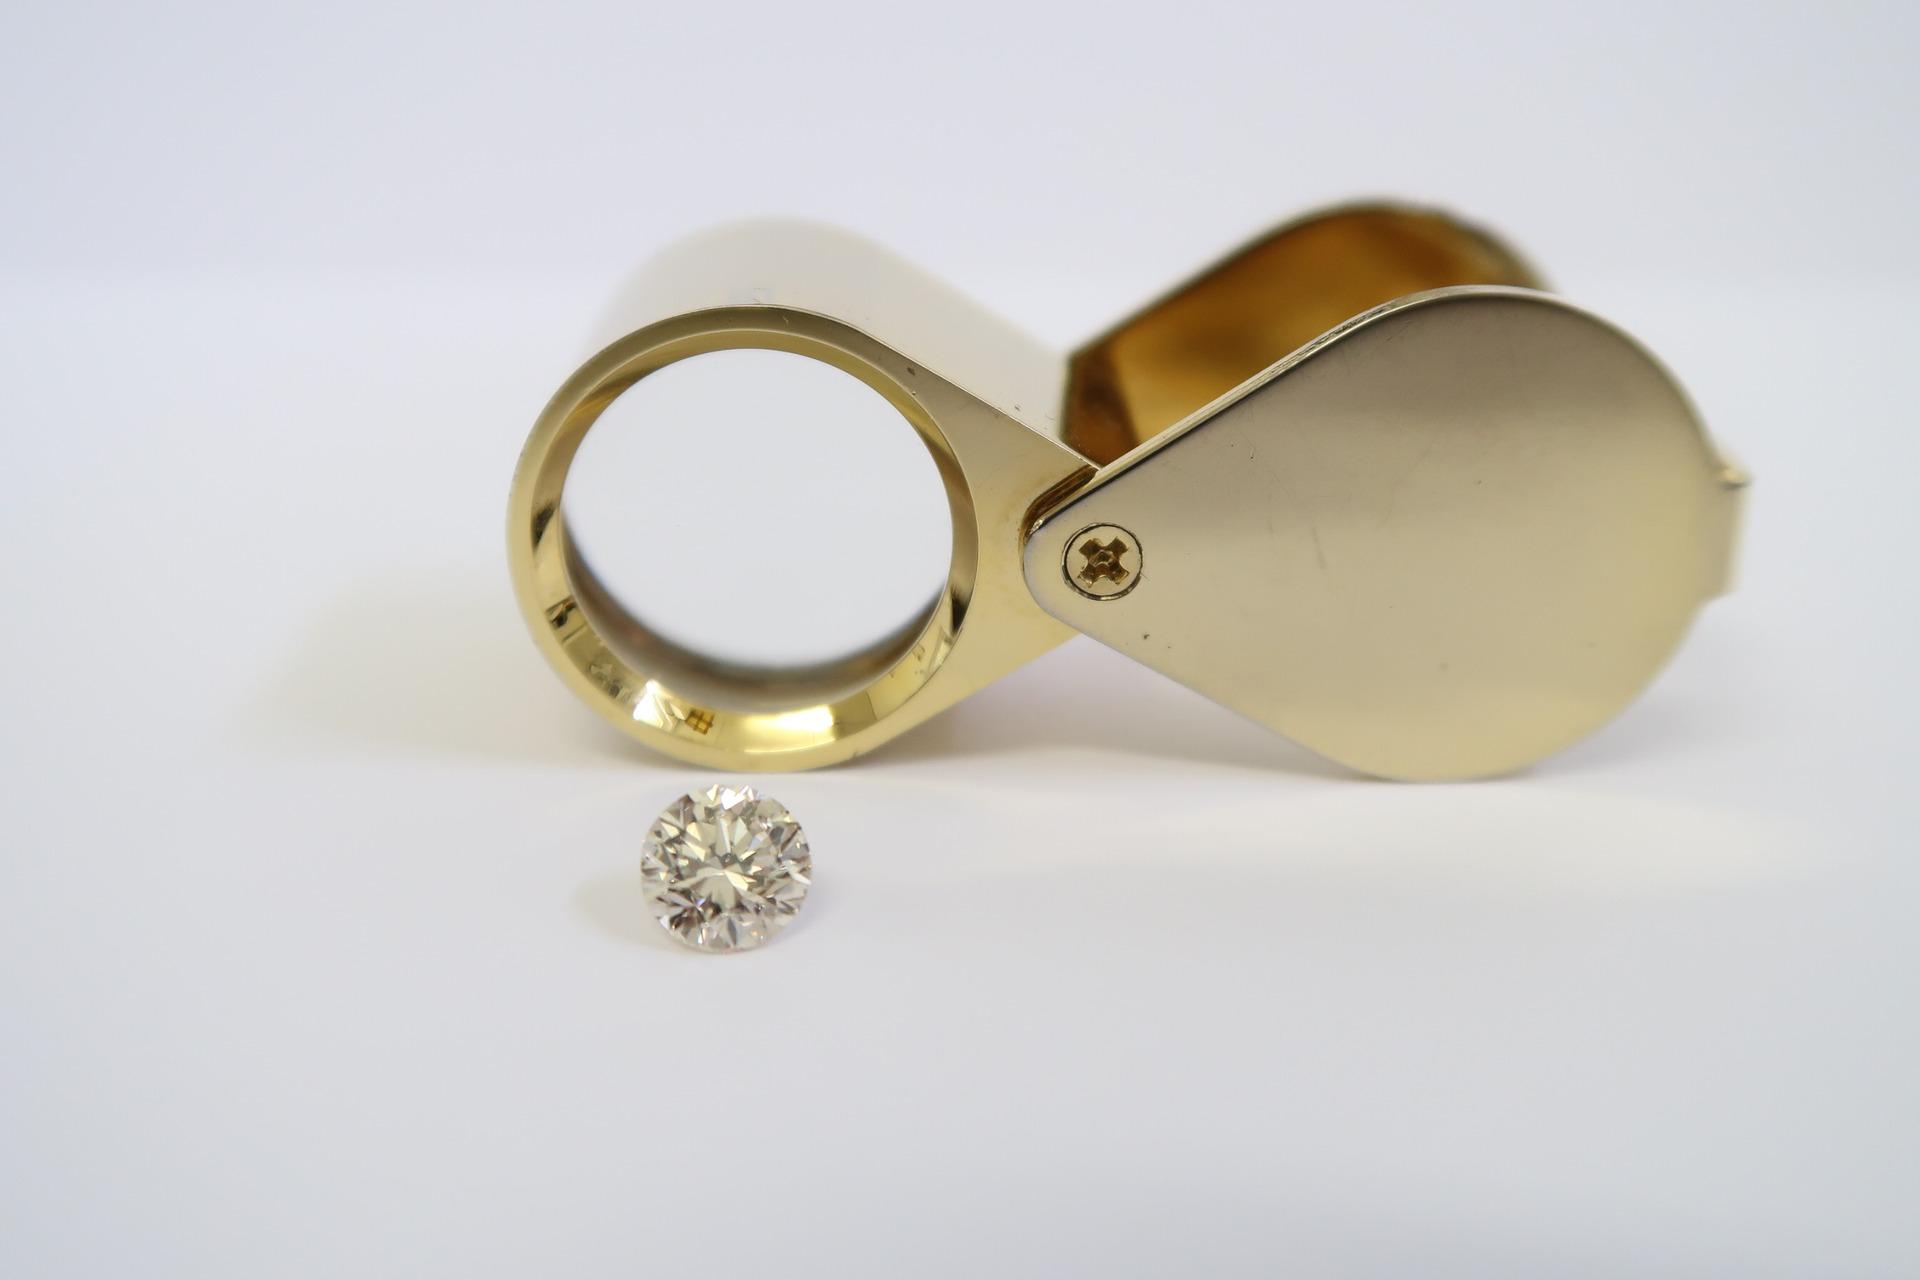 diamond-1922582_1920.jpg